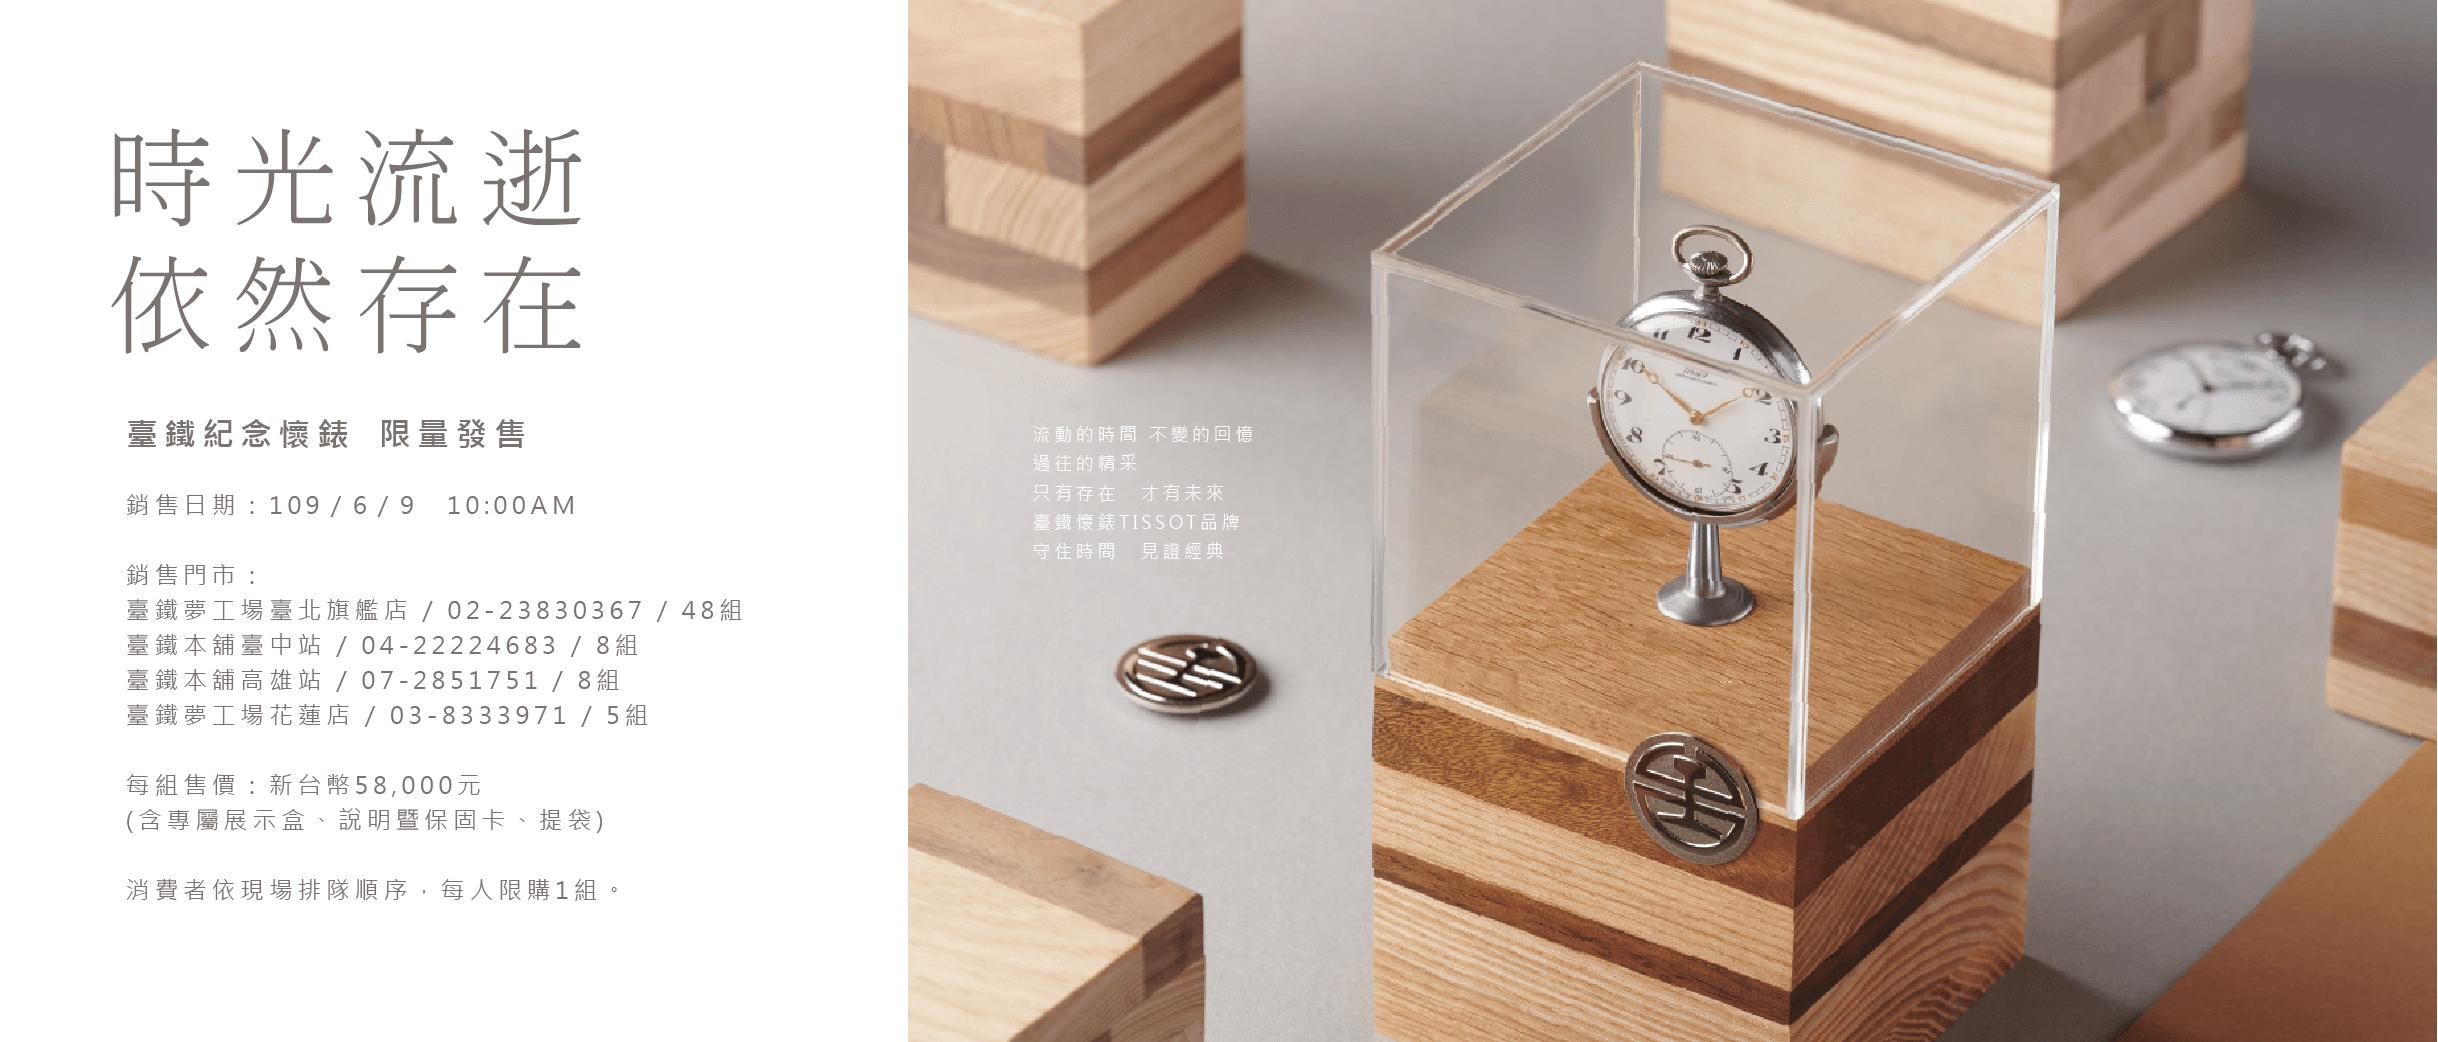 【時光流逝  依然存在】臺鐵天梭TISSOT古董懷錶組  6/9鐵路節限量發售